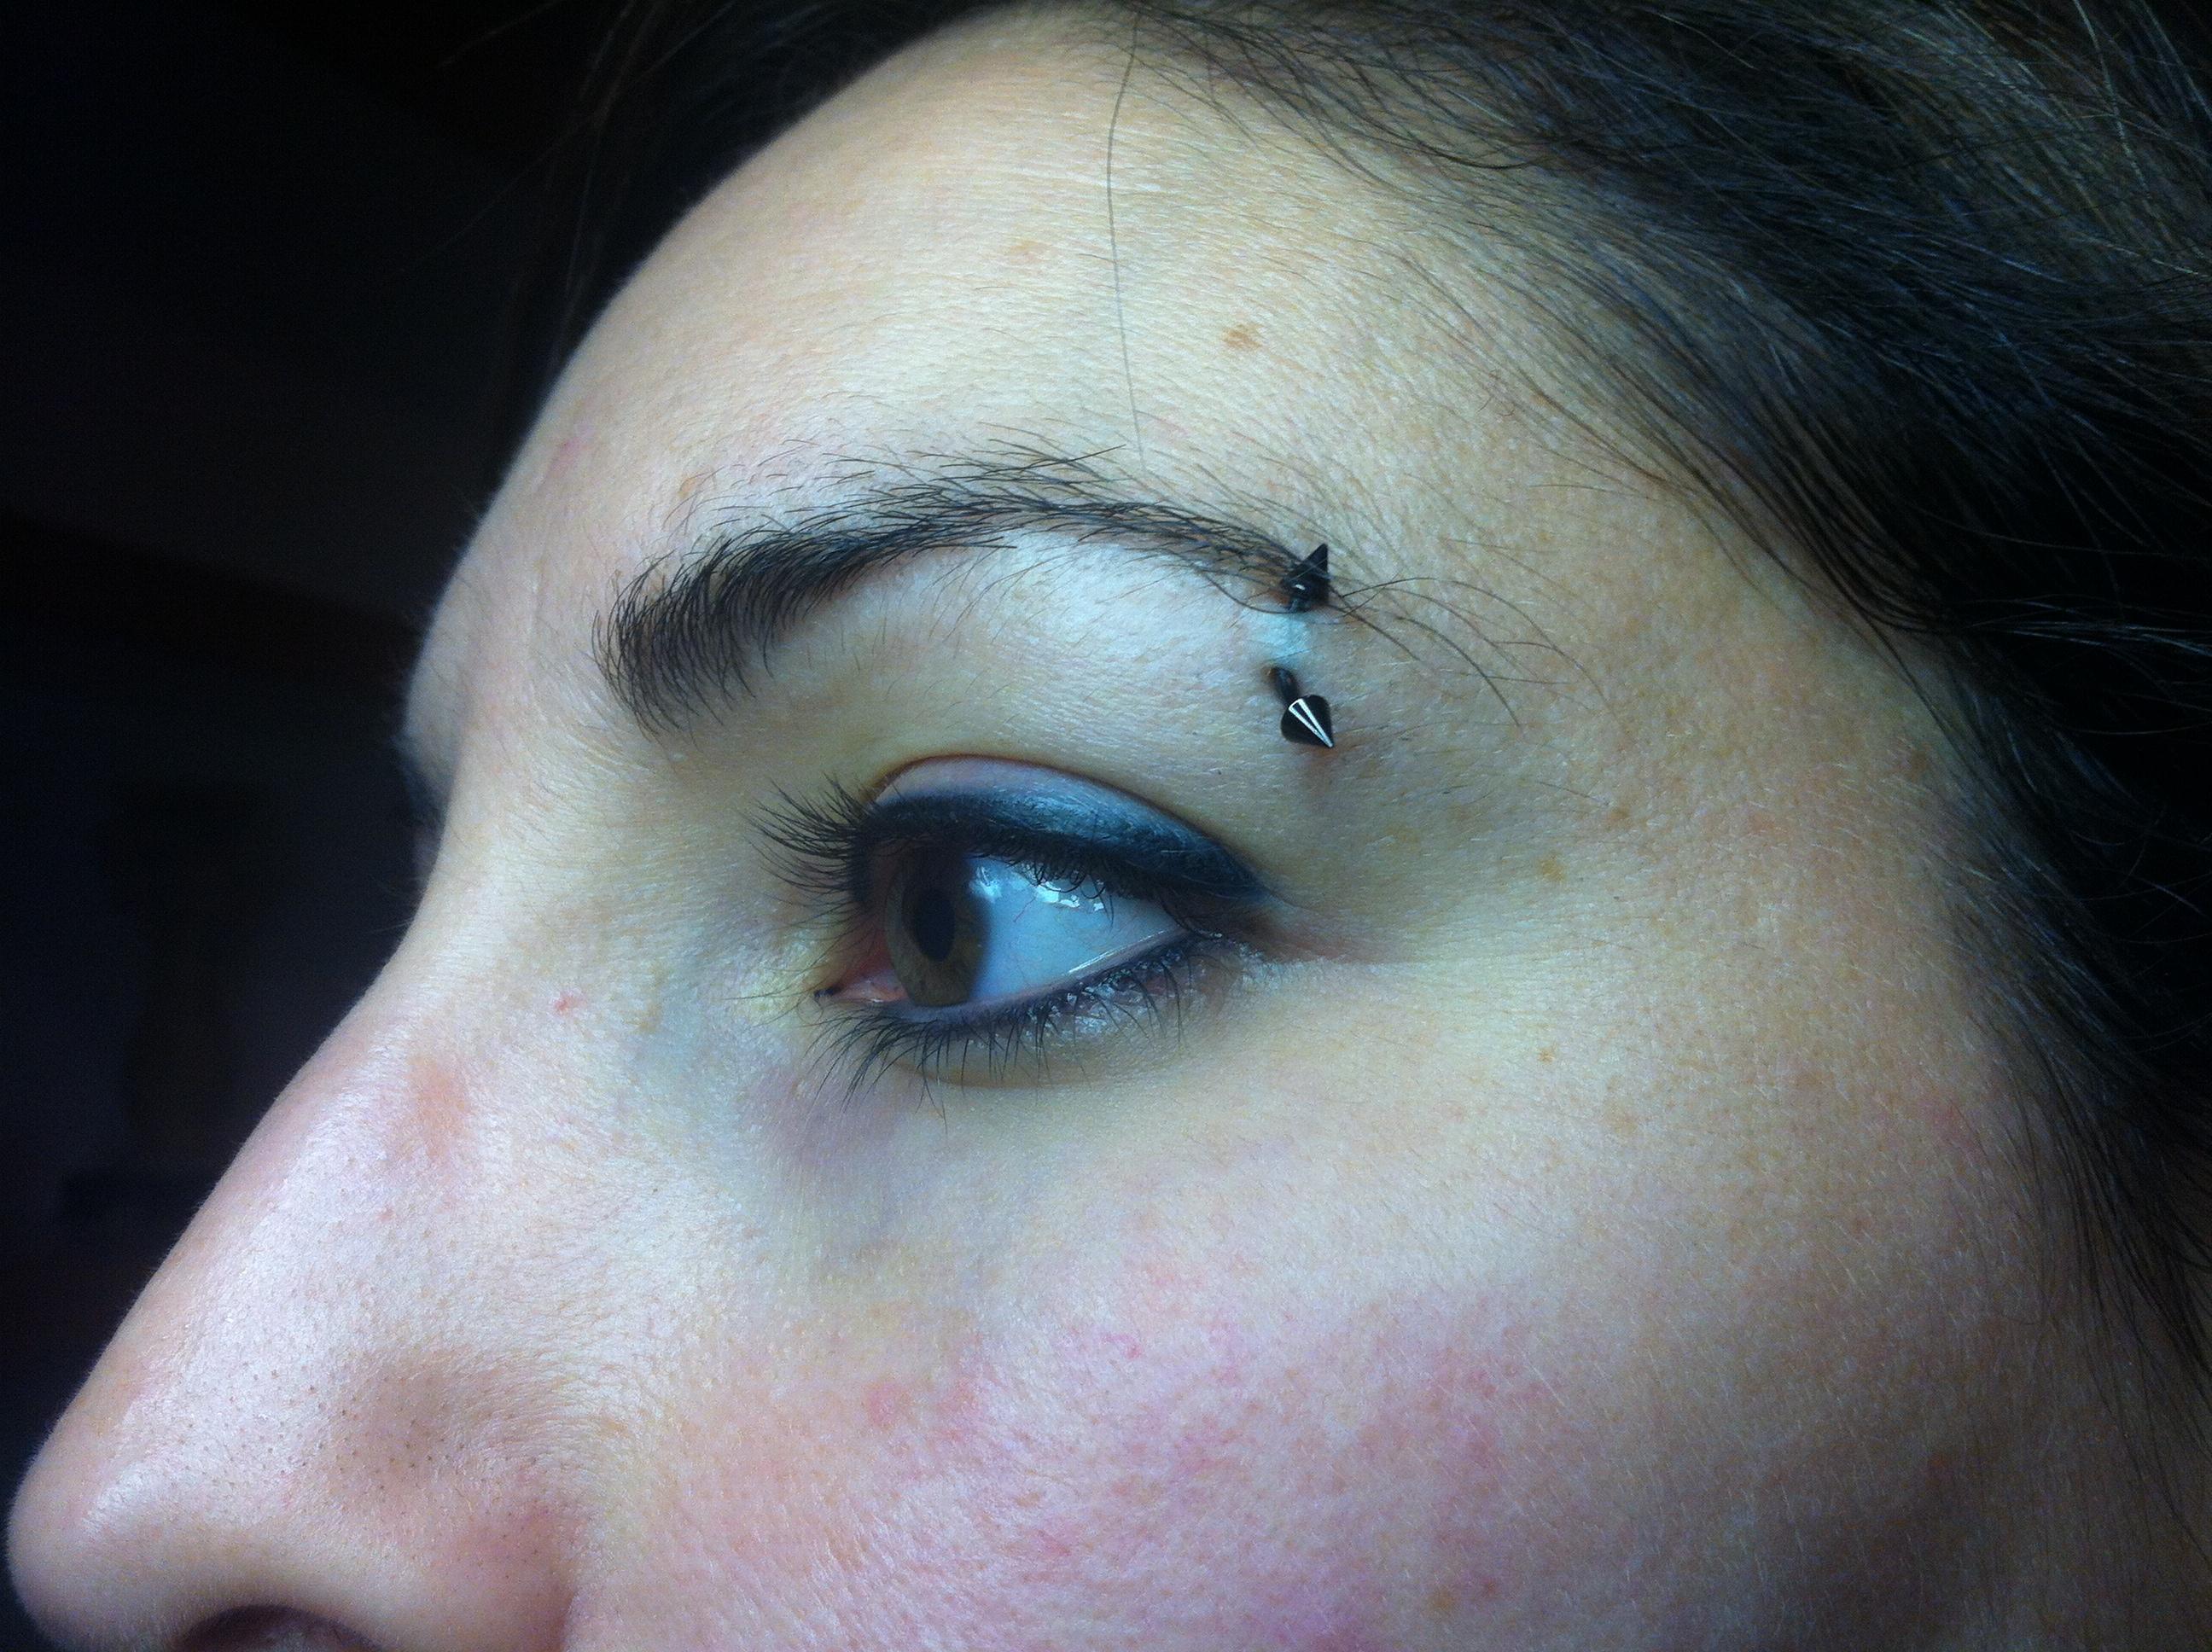 6. yeux asiatique